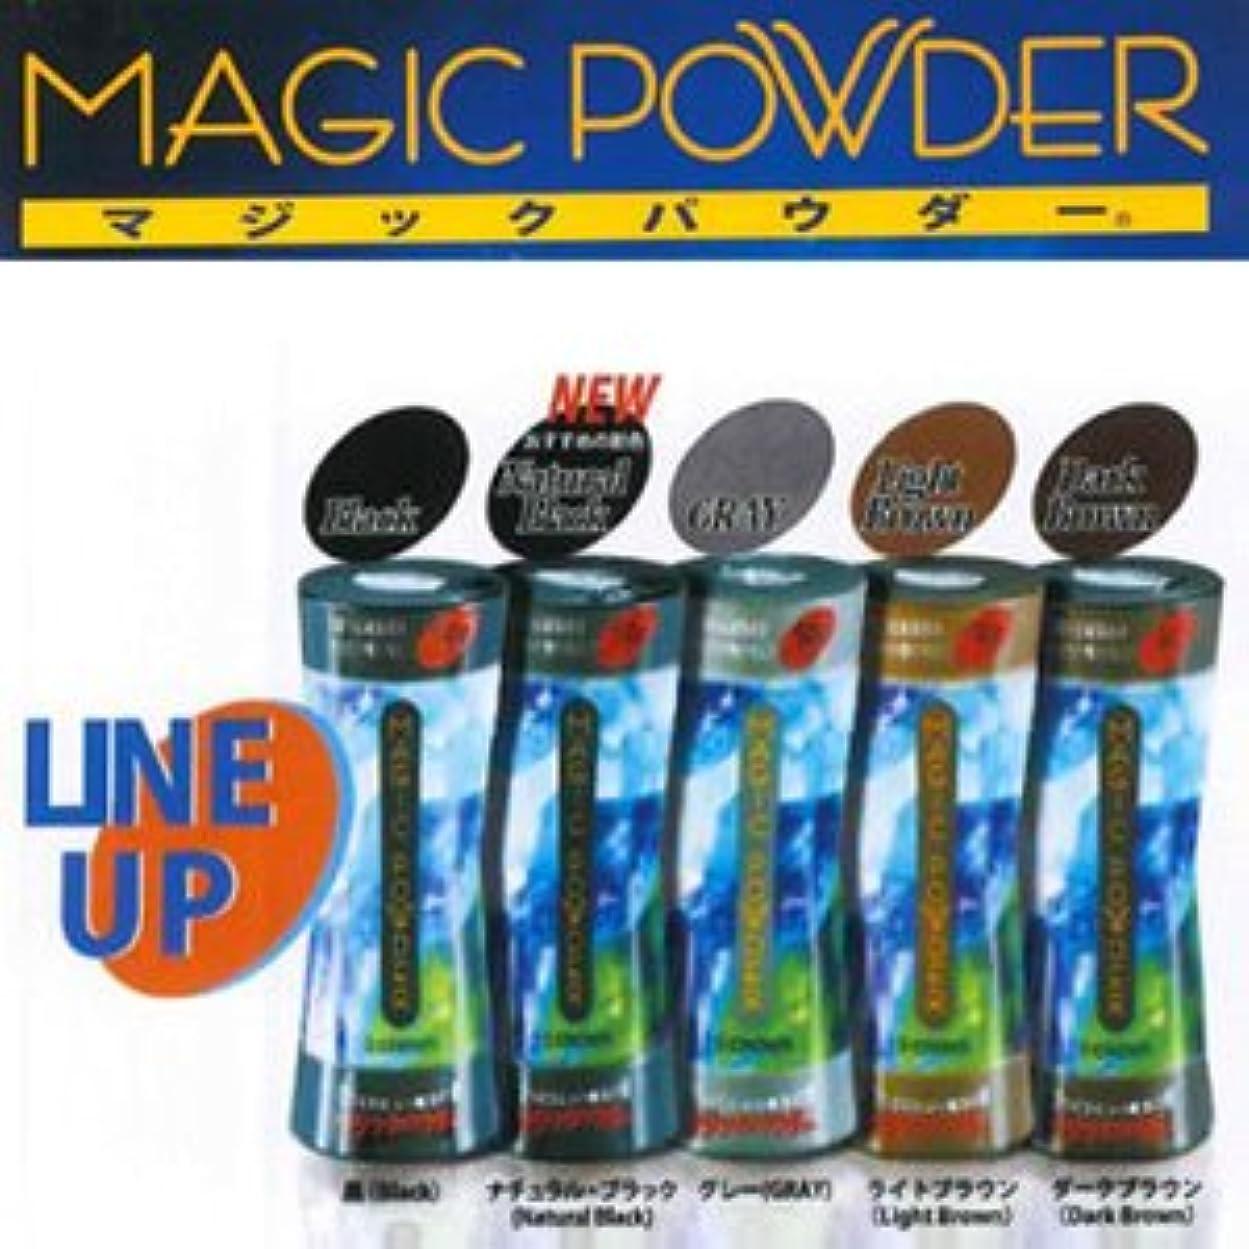 ベスト私プリーツMAGIC POWDER マジックパウダー ダークブラウン 50g  ※貴方の髪を簡単ボリュームアップ!